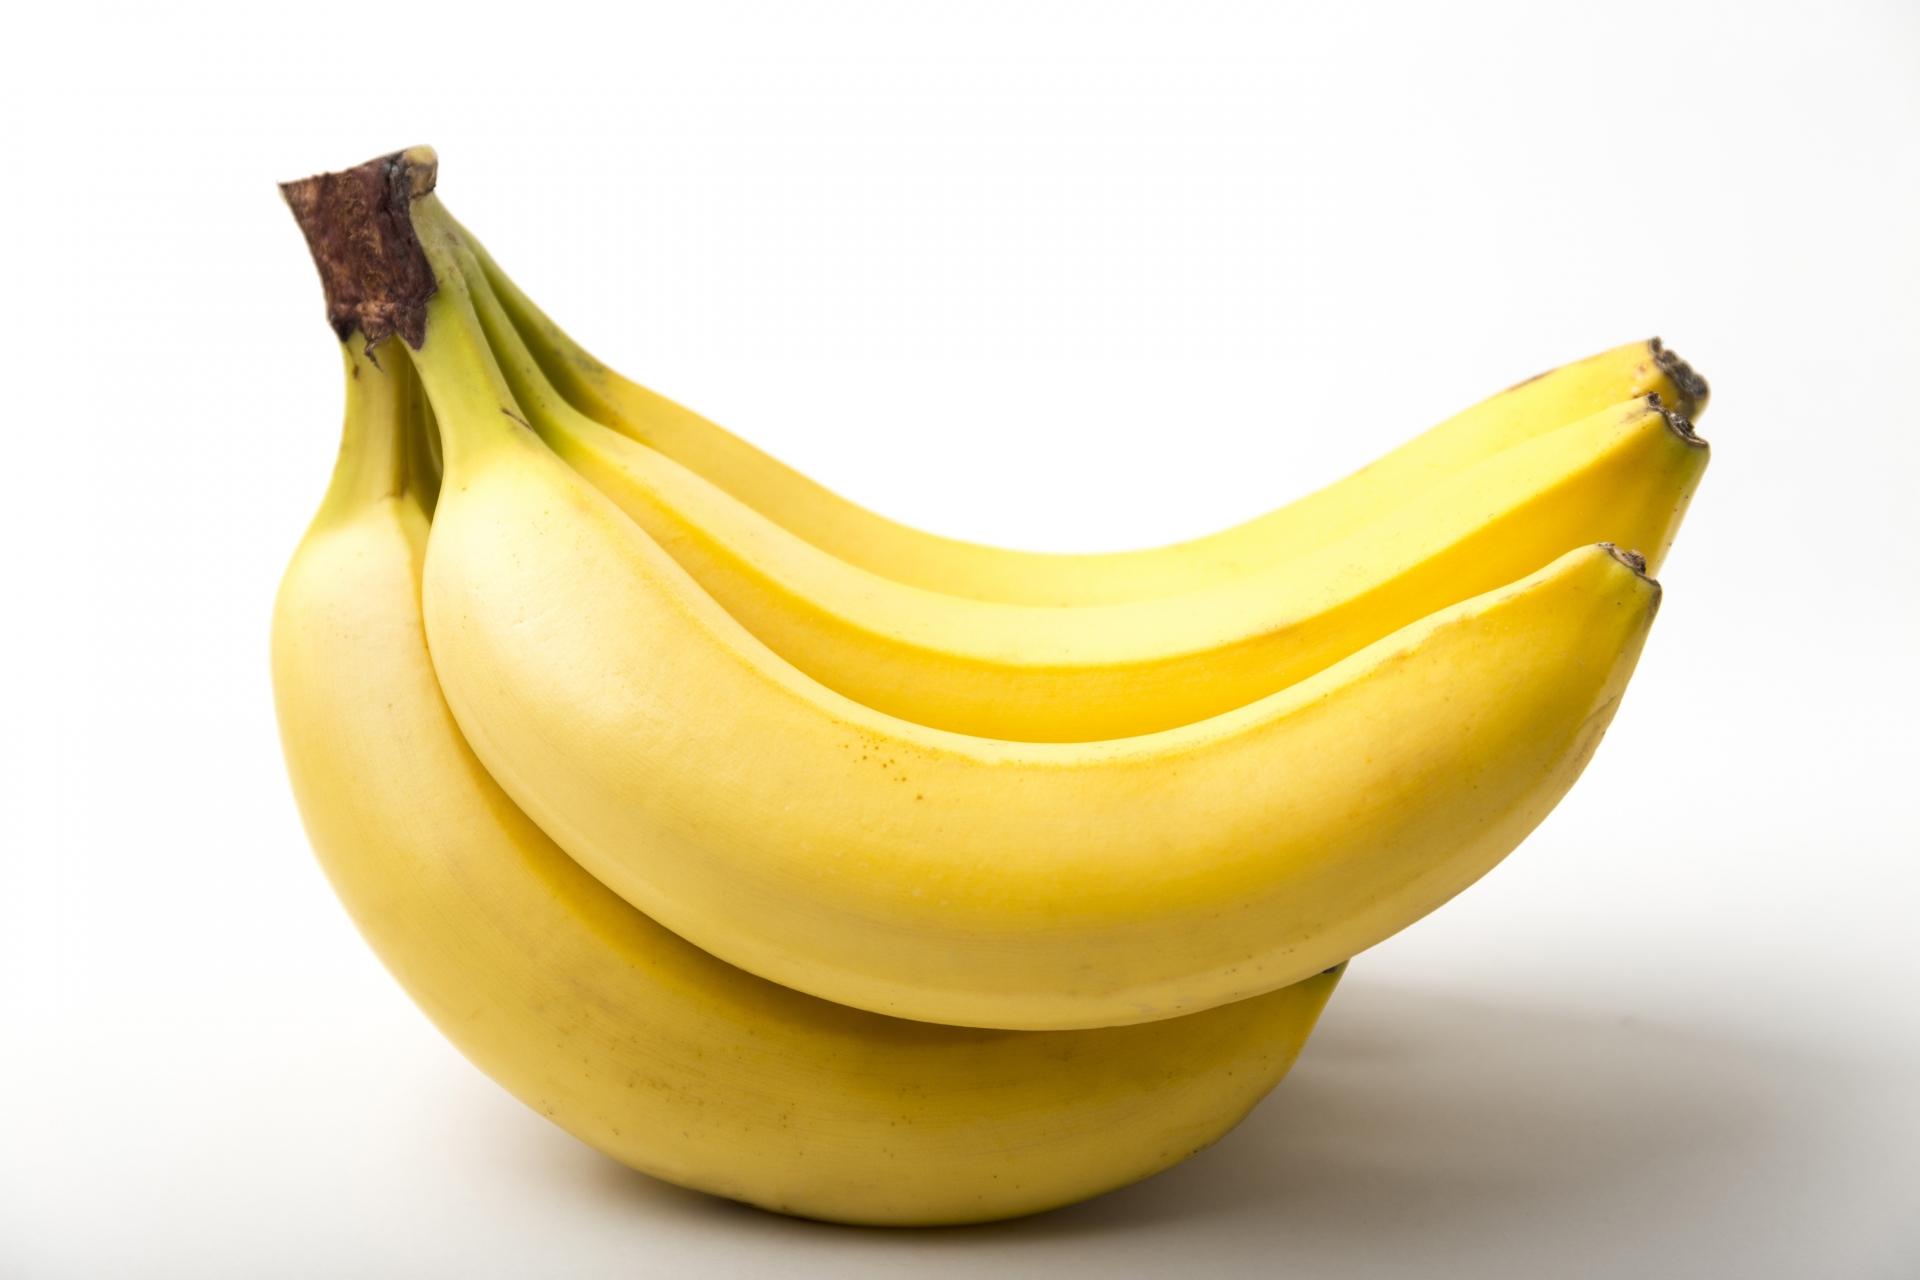 注目の成分「シクロユーカレノン」が豊富なバナナの薄毛対策や育毛効果を徹底調査